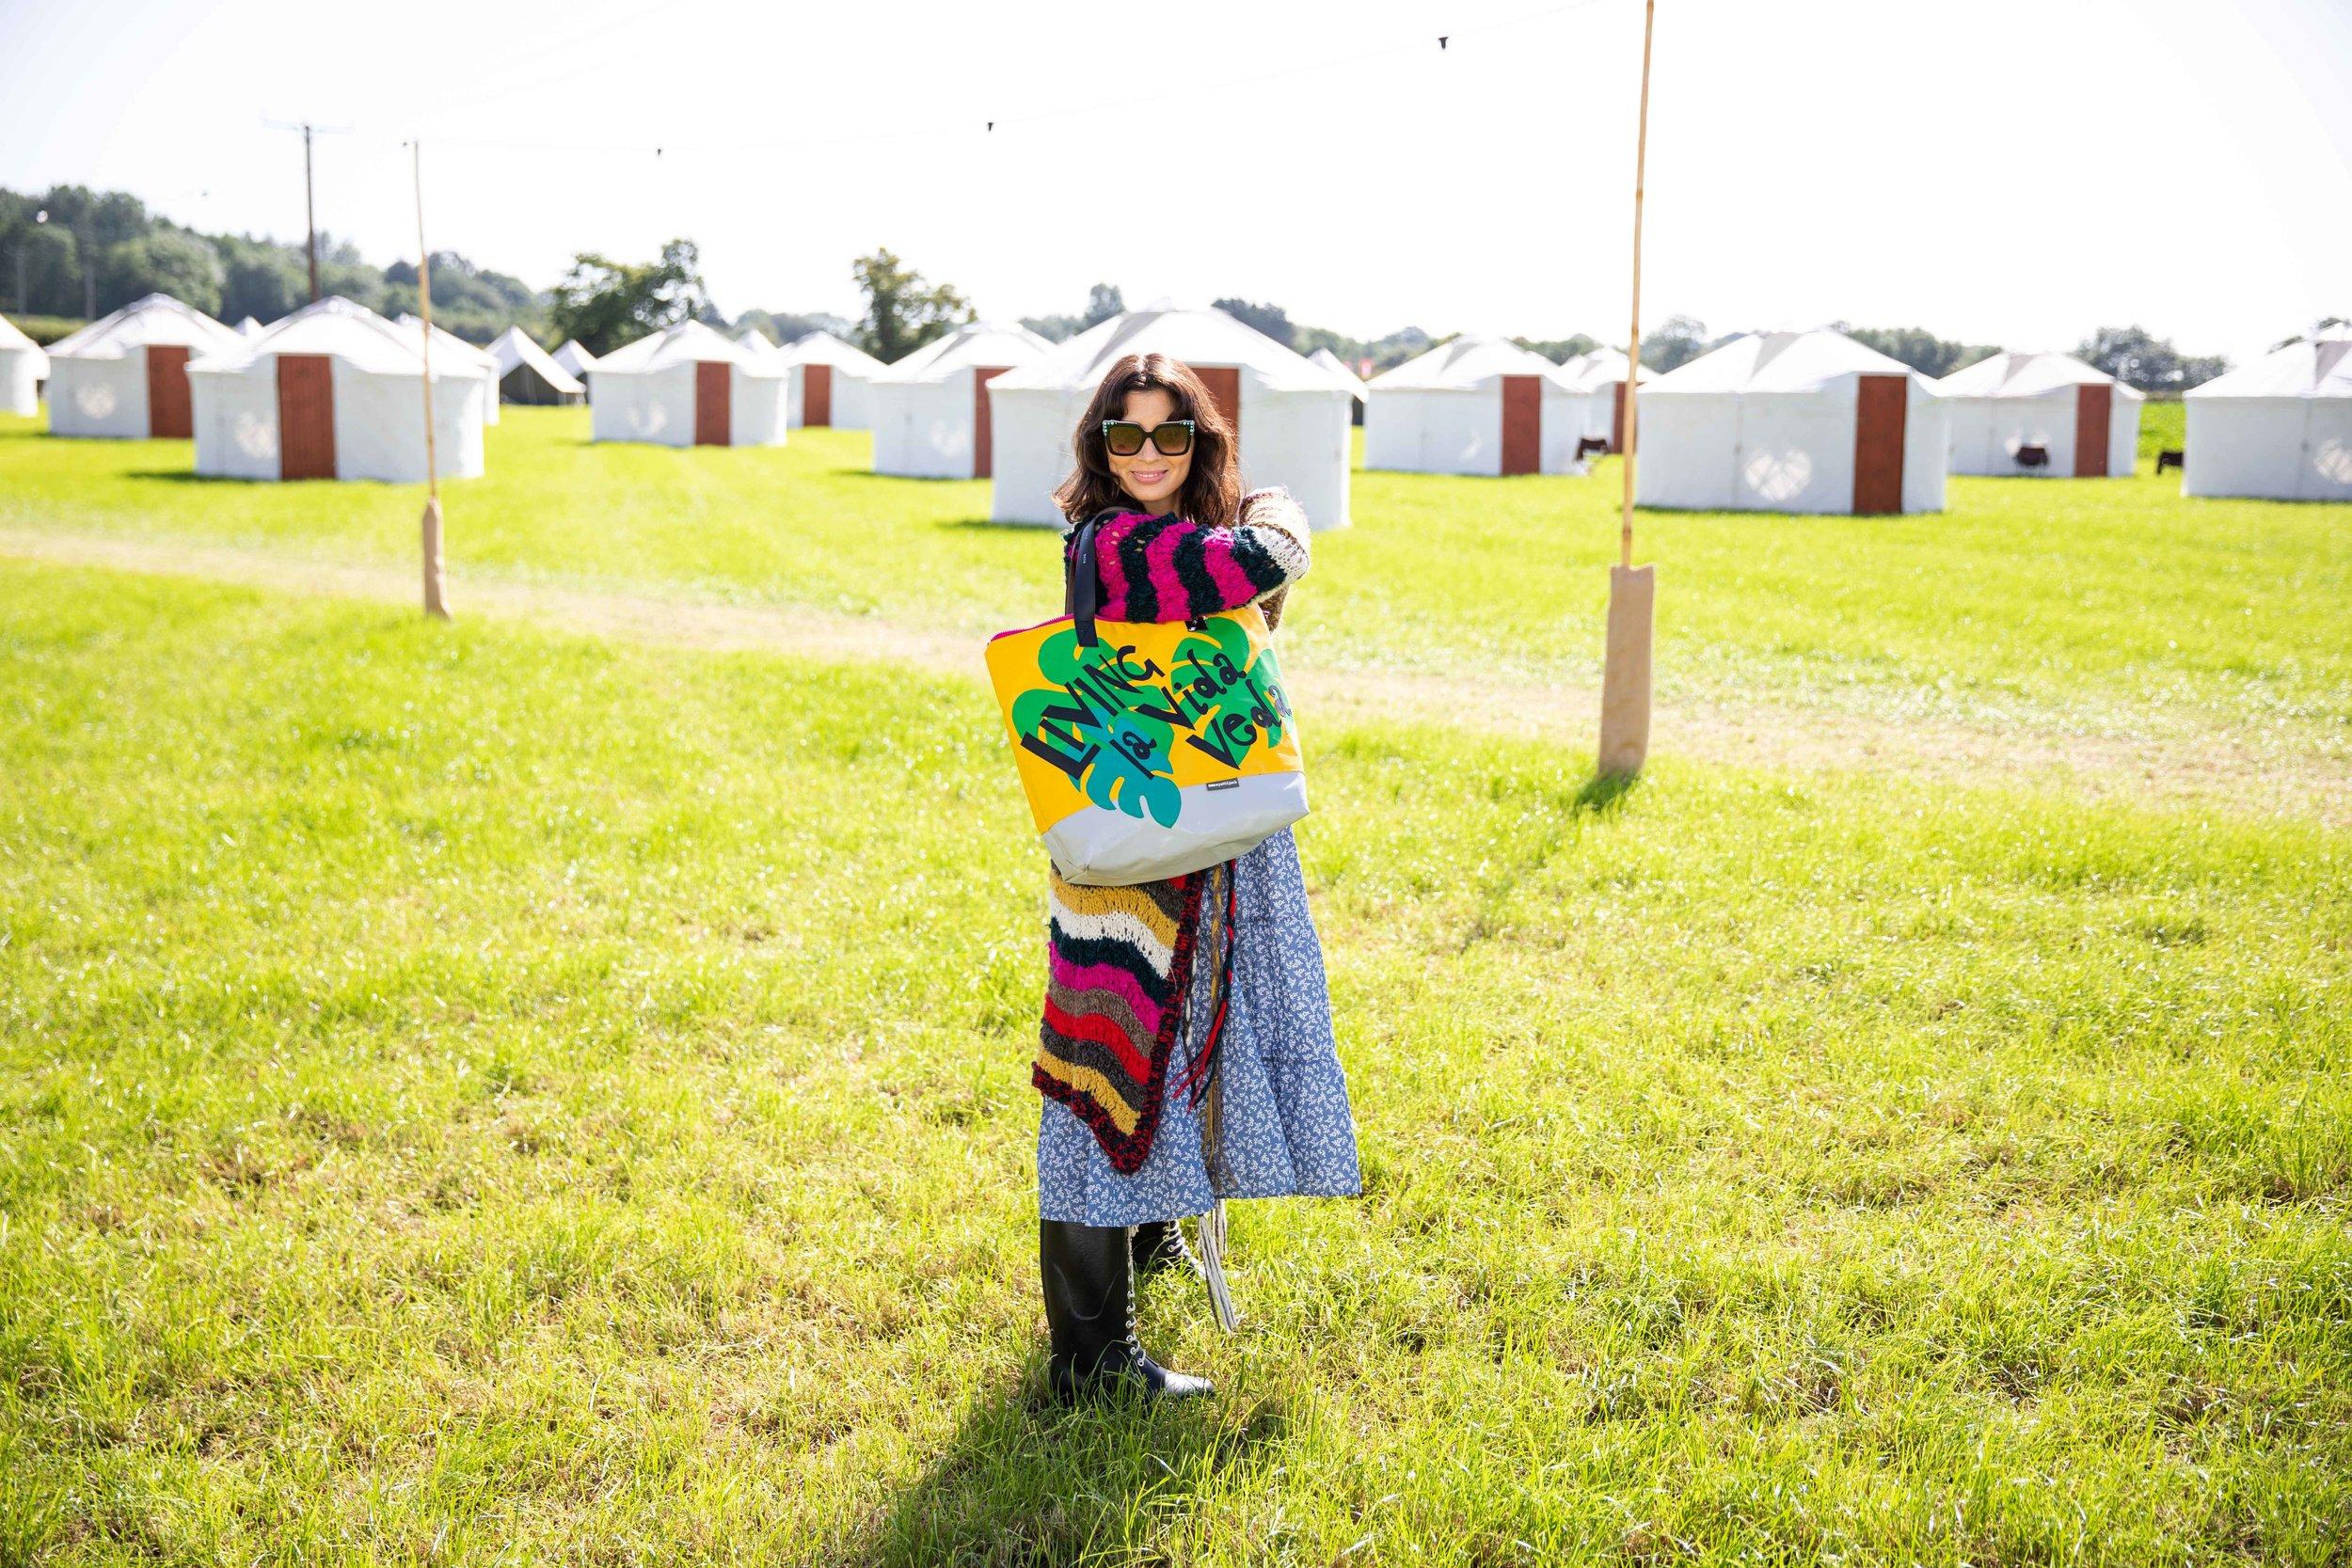 JasmineHemsley_Glastonbury2019_NickHopperPhotography-0779.jpg